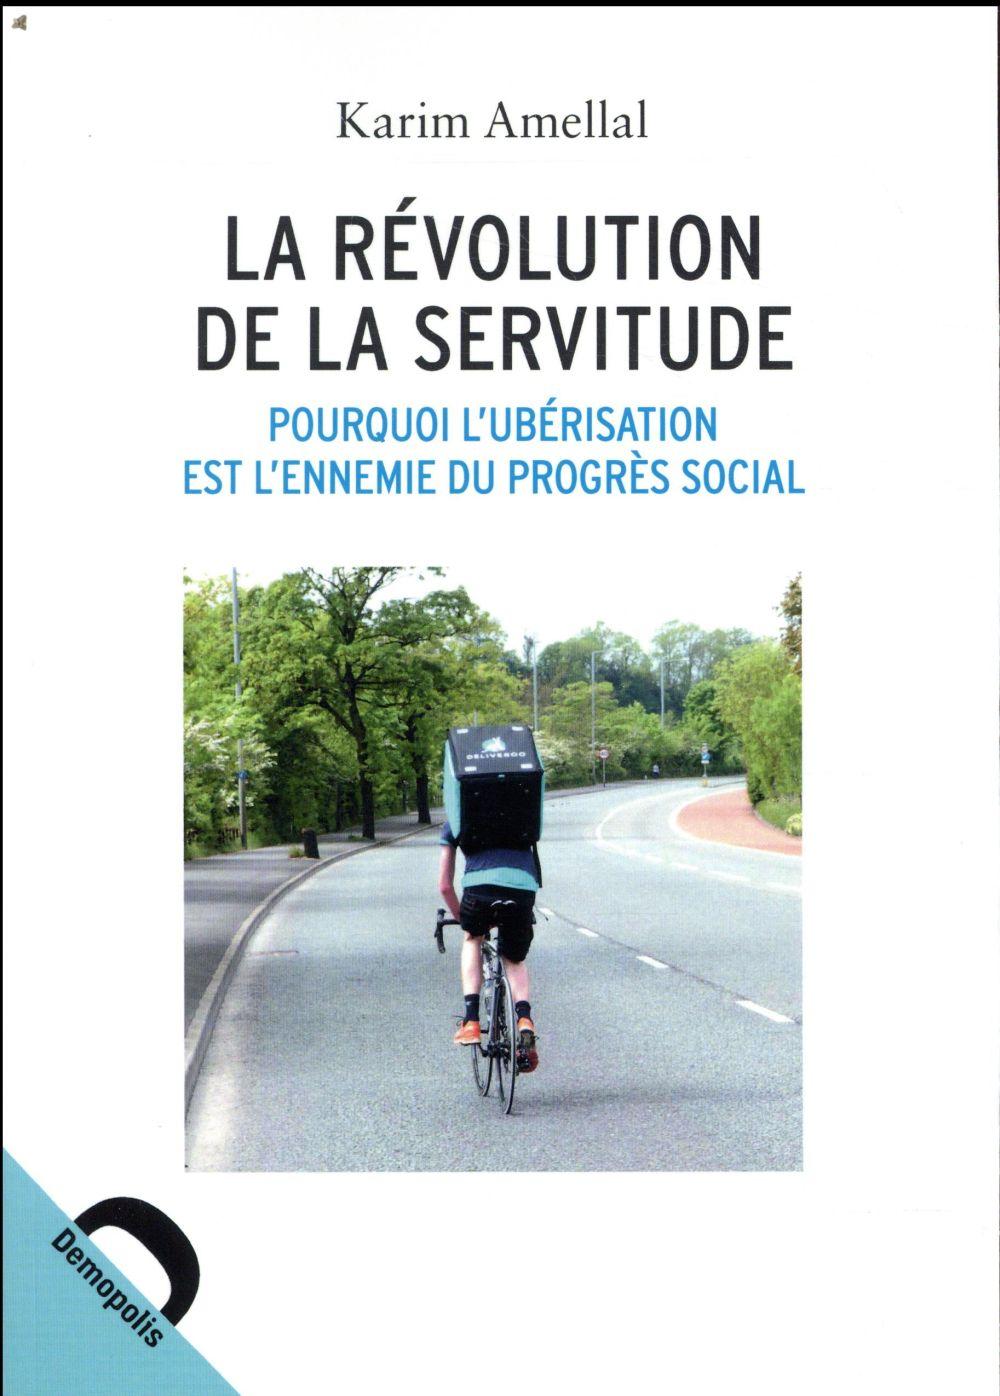 La révolution de la servitude ; pourquoi l'ubérisation est l'ennemie du progrès social